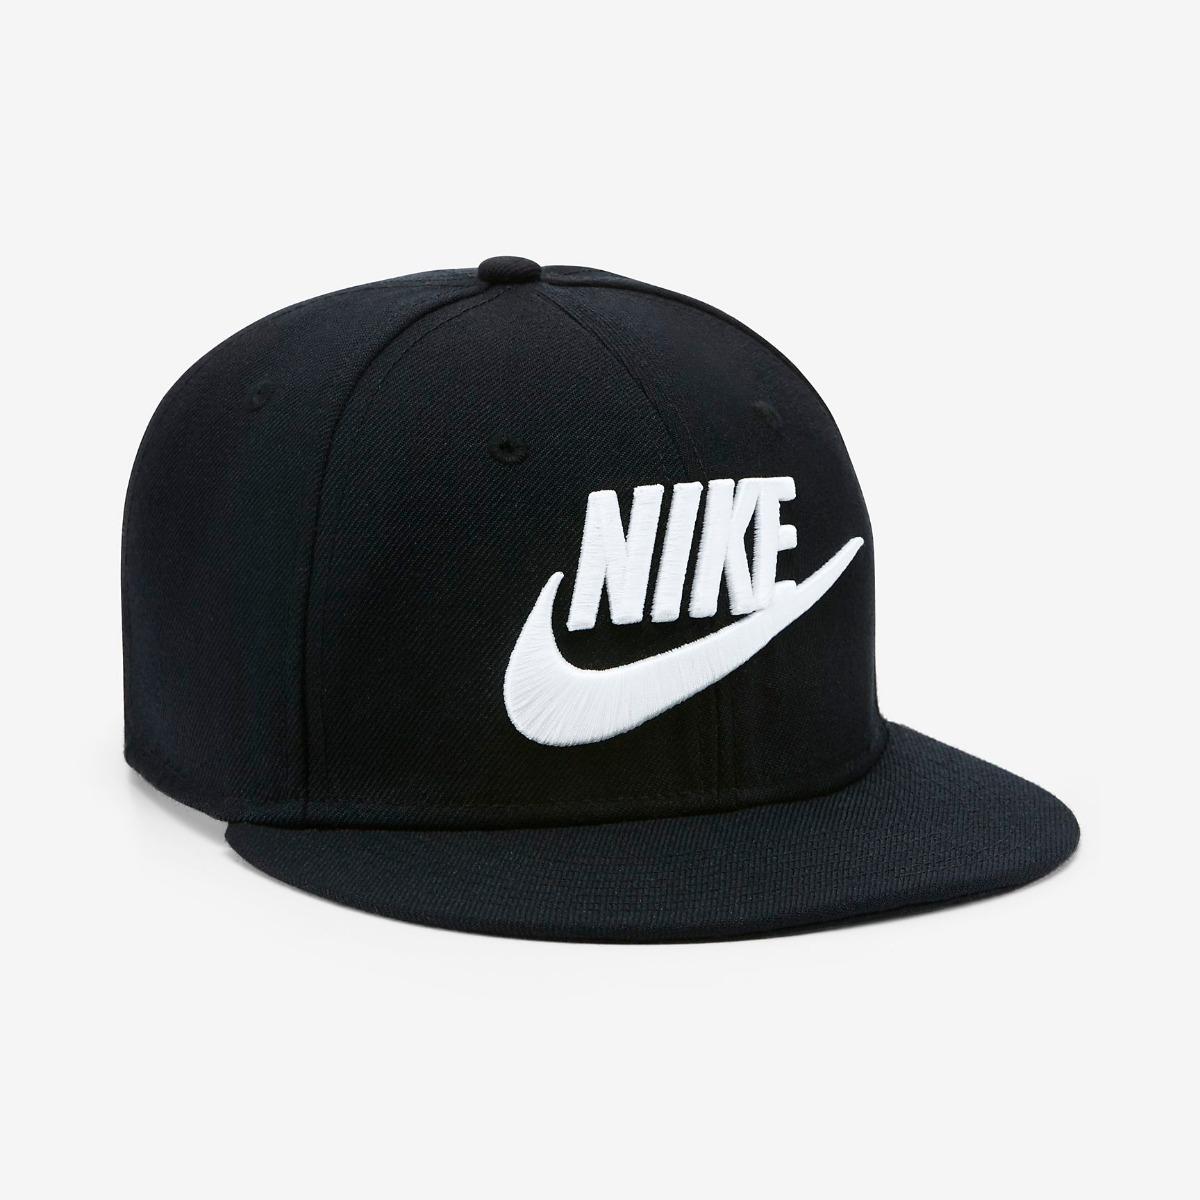 bfd5e944d09d2 Gorra Nike Futura True 2 Snapback -   750.00 en Mercado Libre